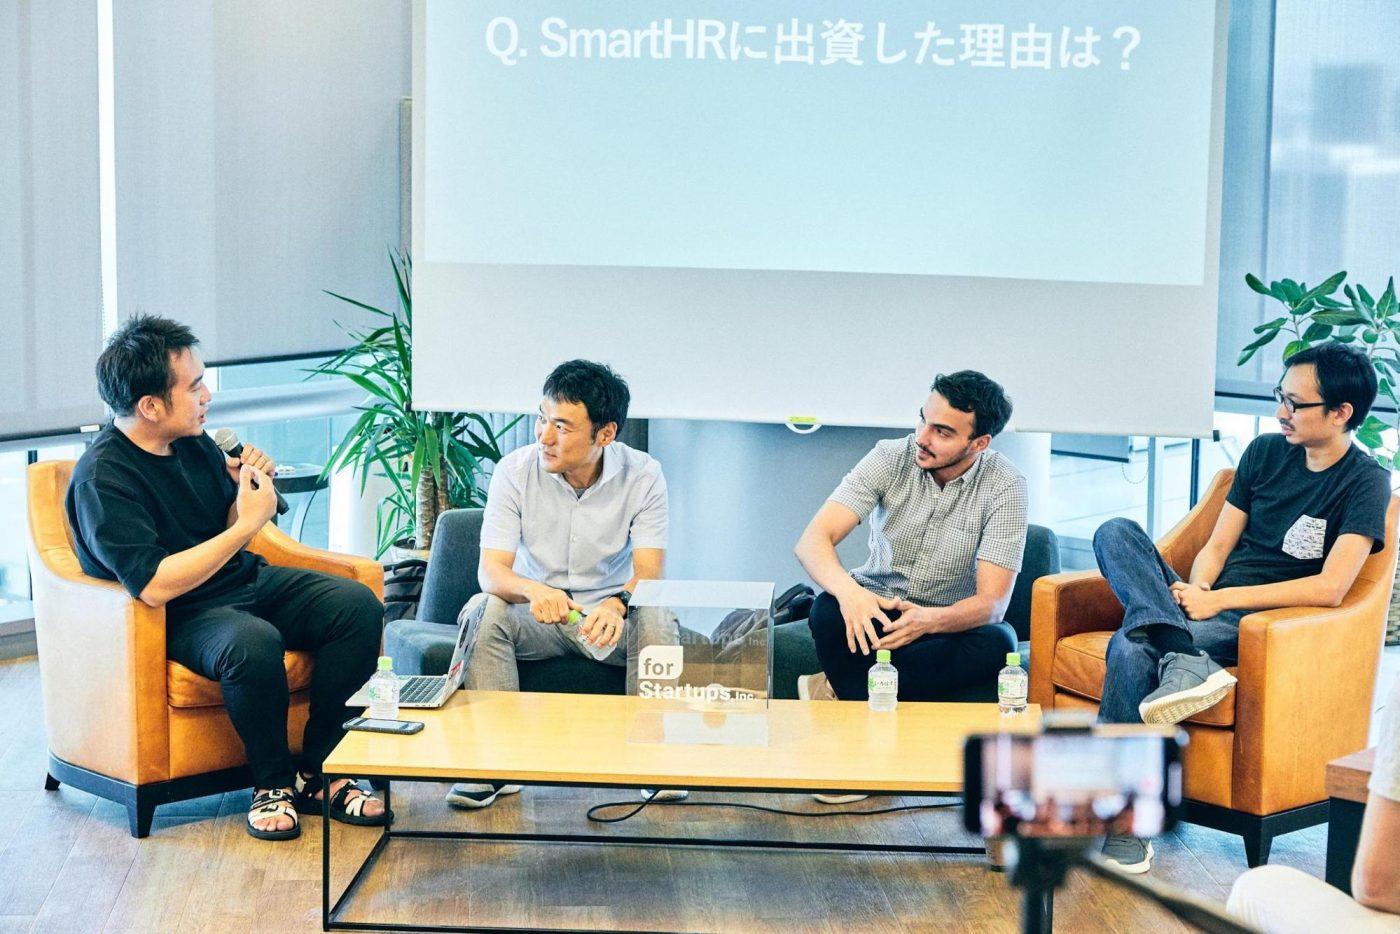 「今日はよろしくお願いします。今回は、事前に用意した質問と、会場から集まった質問とに答えながら進めていきますね。まず『SmartHRに投資を行なった理由とは?』を初めの質問としたいのですがいかがでしょうか」